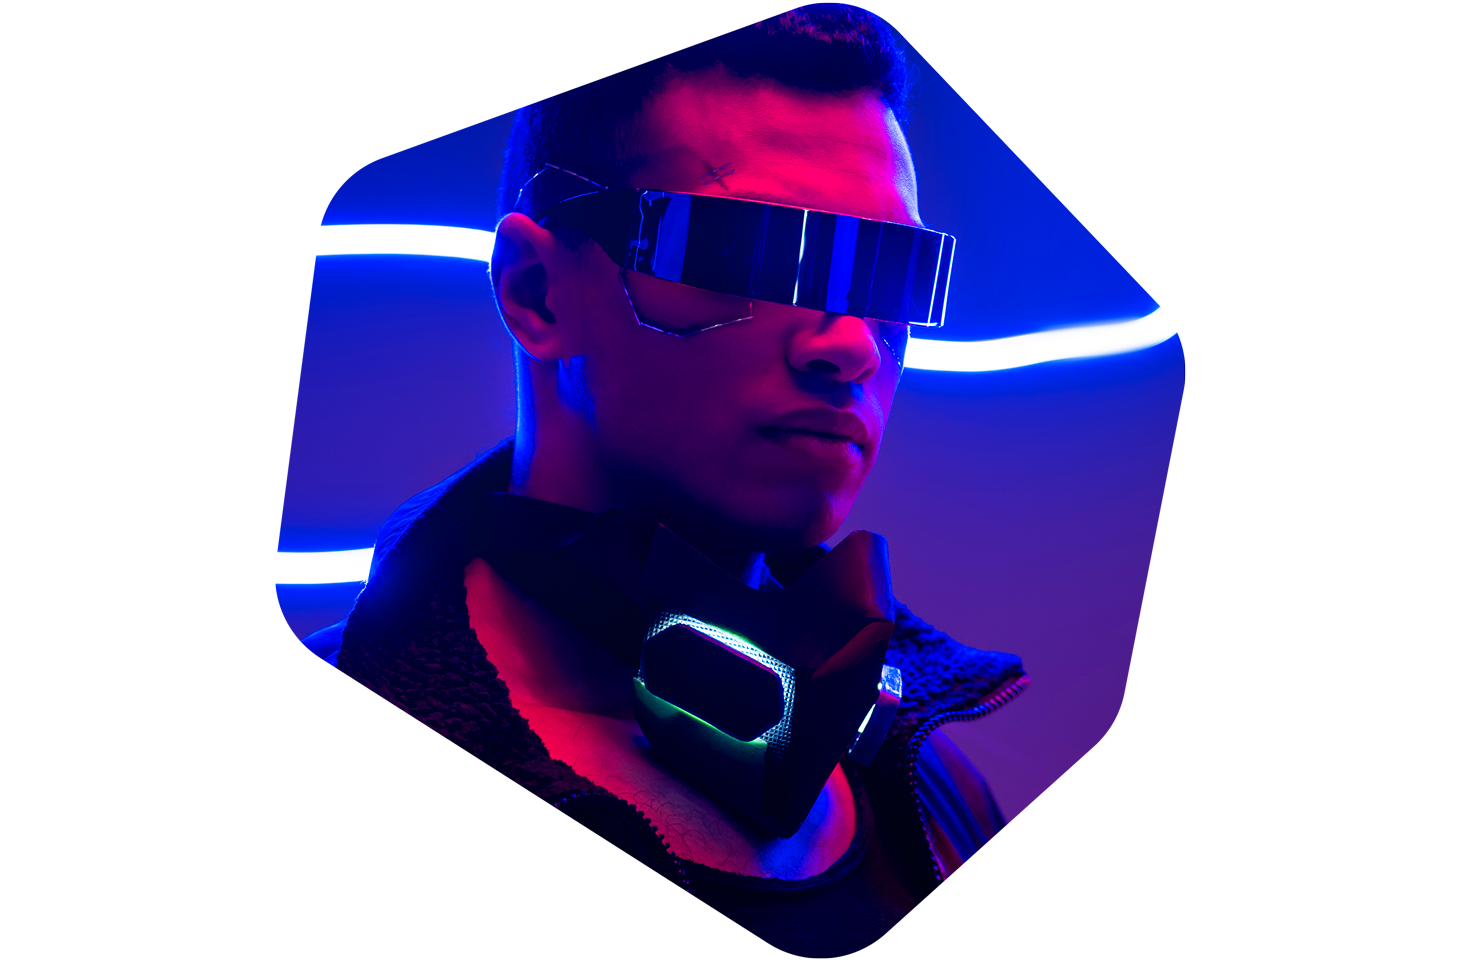 赛博朋克2020中的黑客工具集 | 卡巴斯基官方博客